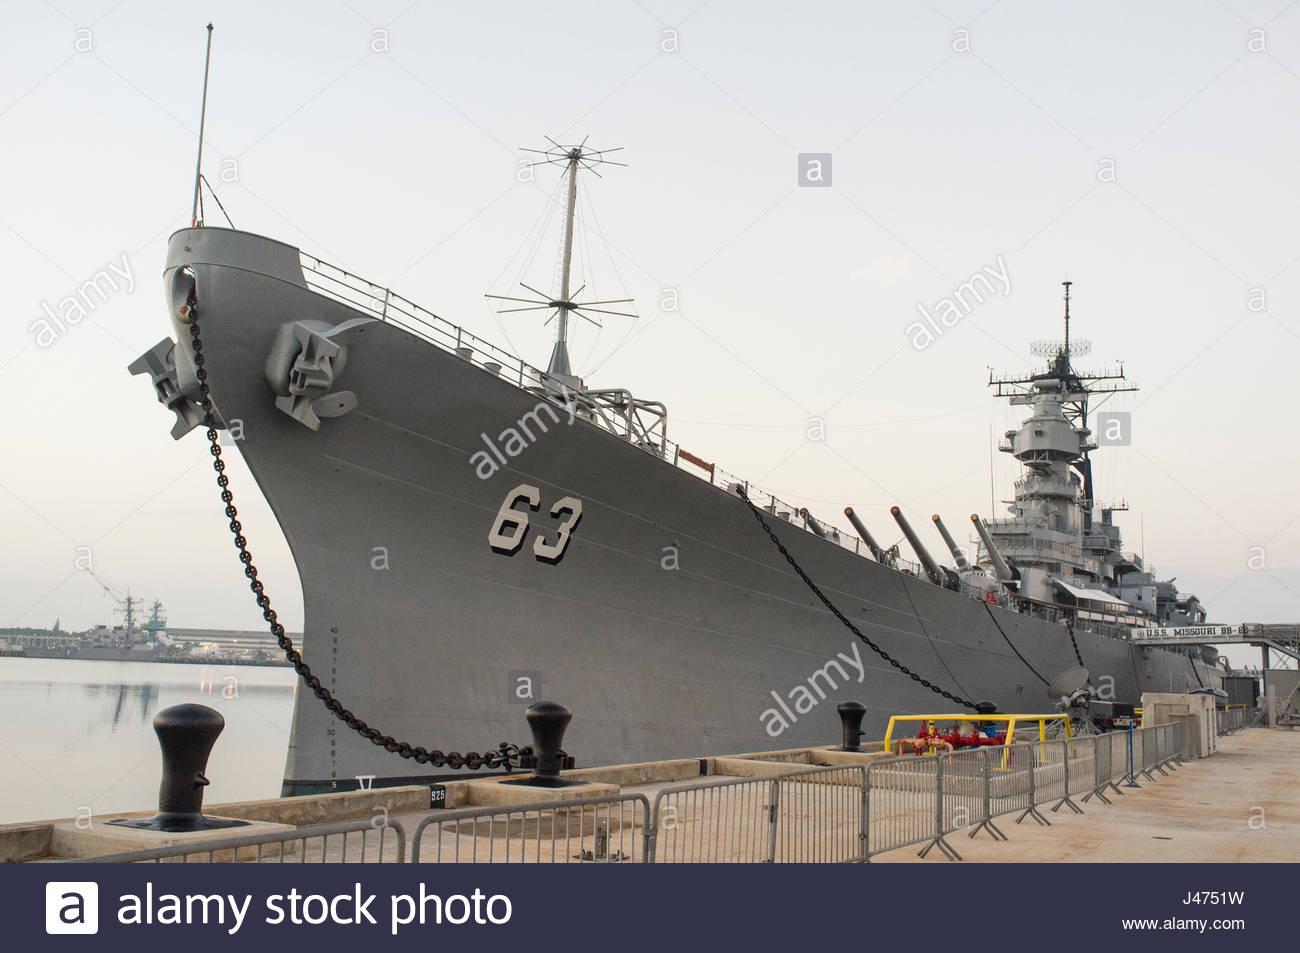 hight resolution of u s s missouri bb 63 an iowa class battleship ford island pearl harbor